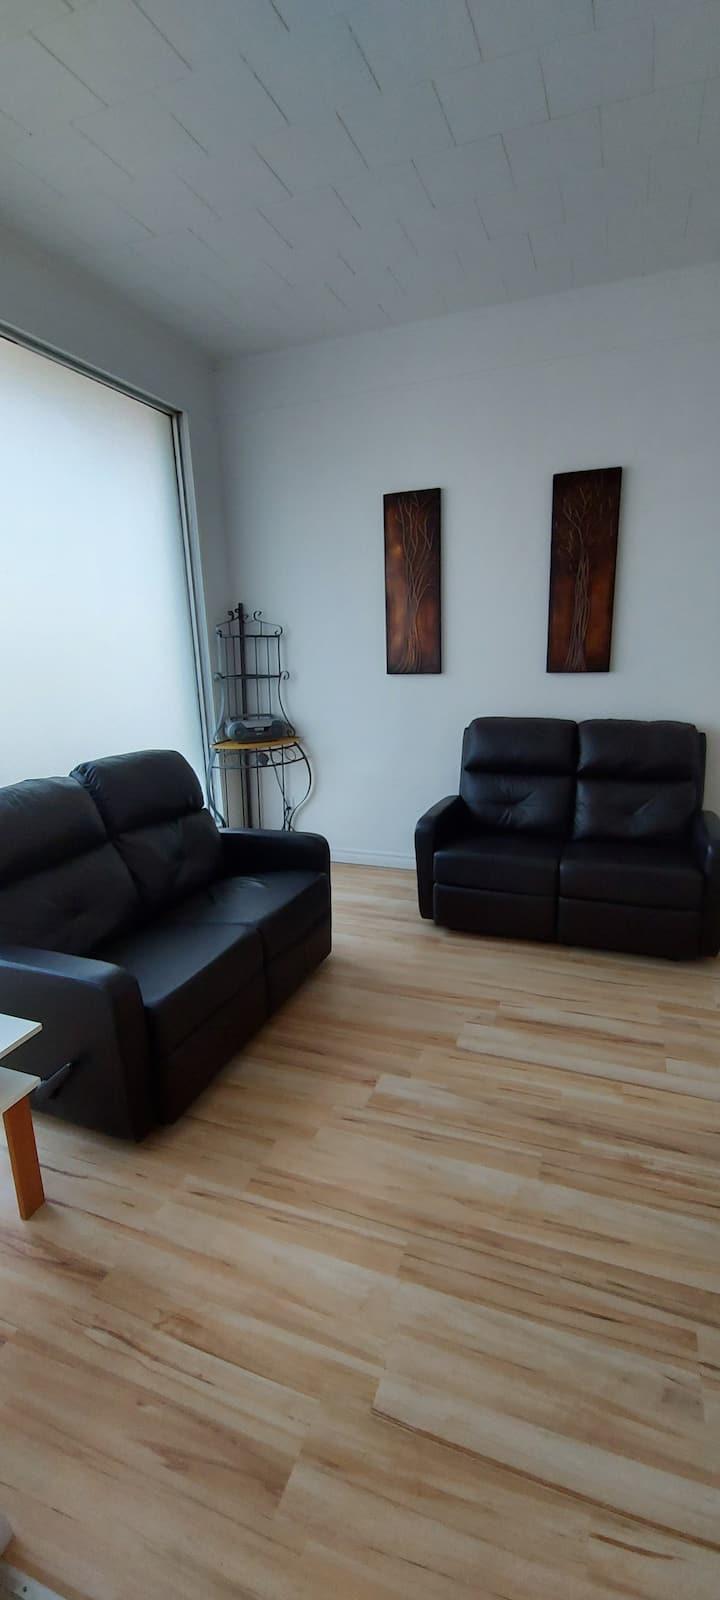 Appartement de base à Paspébiac avec 2 chambres